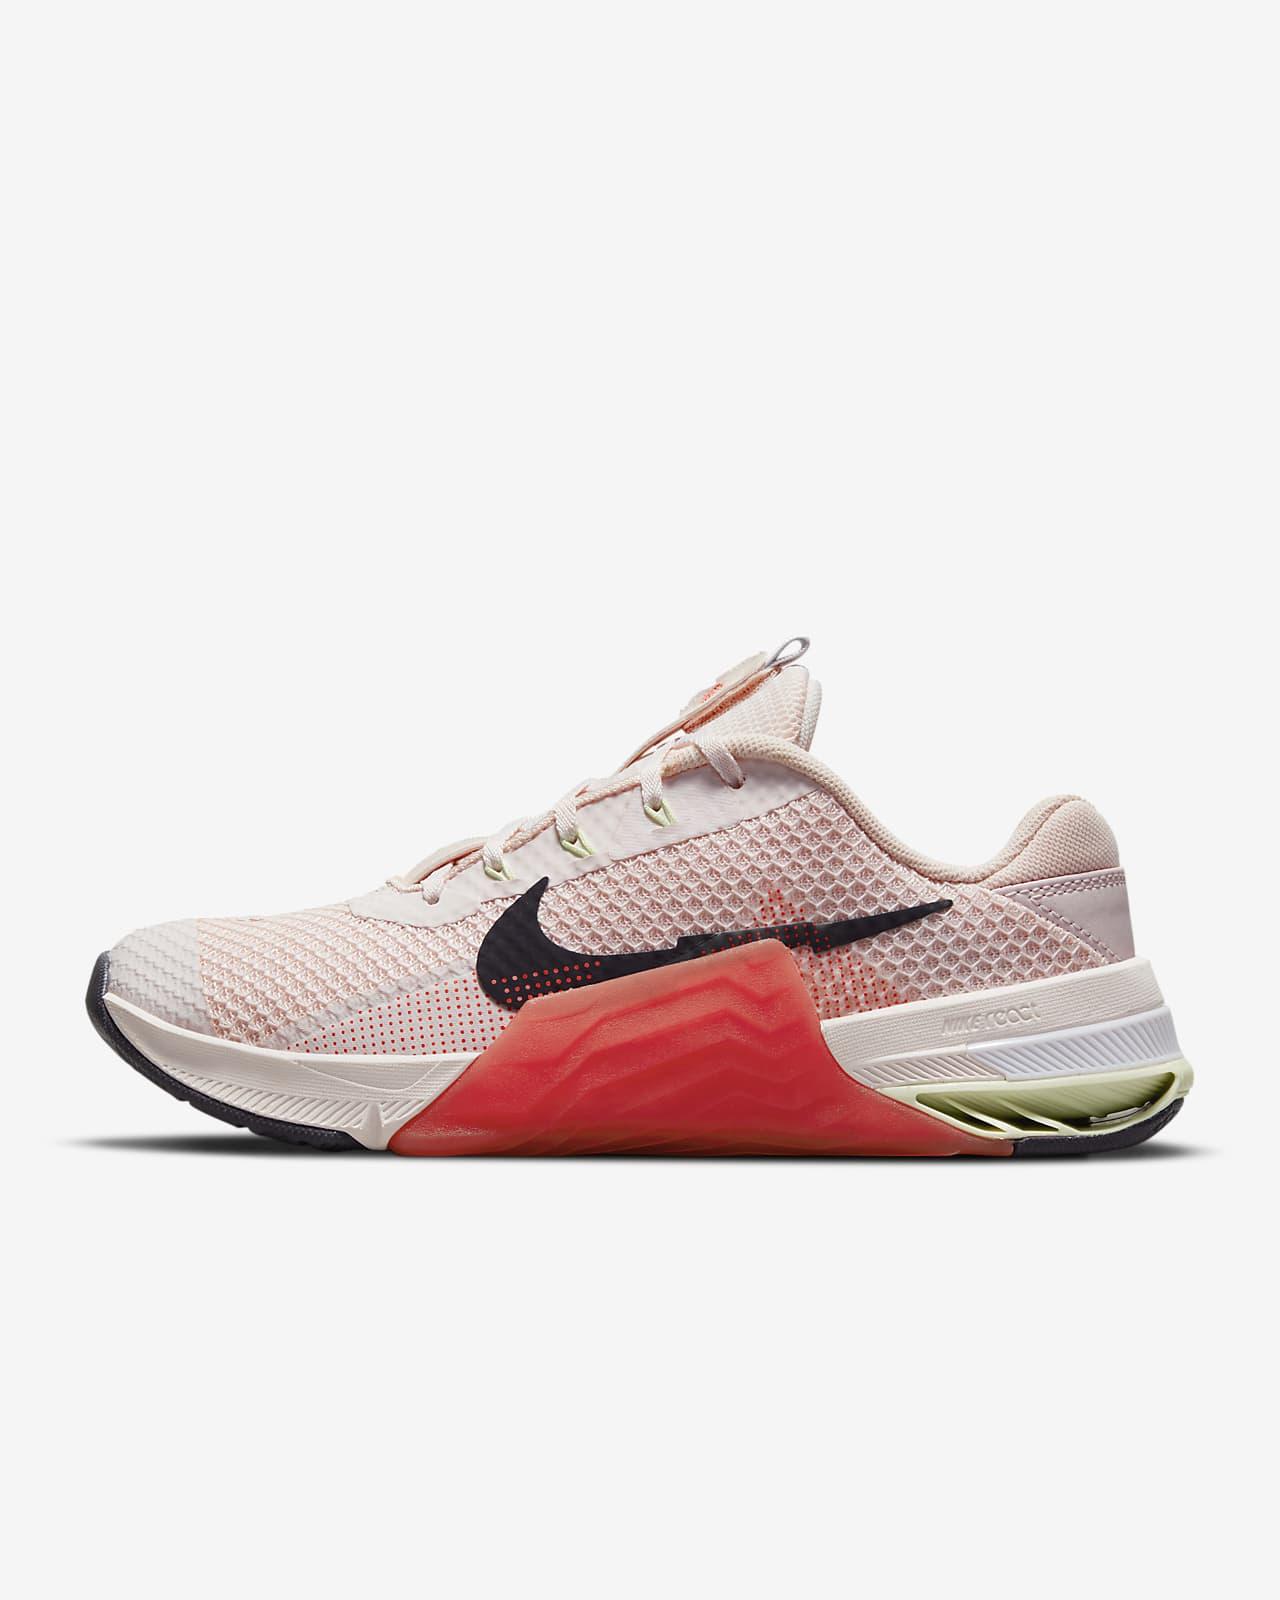 Calzado de entrenamiento para mujer Nike Metcon 7